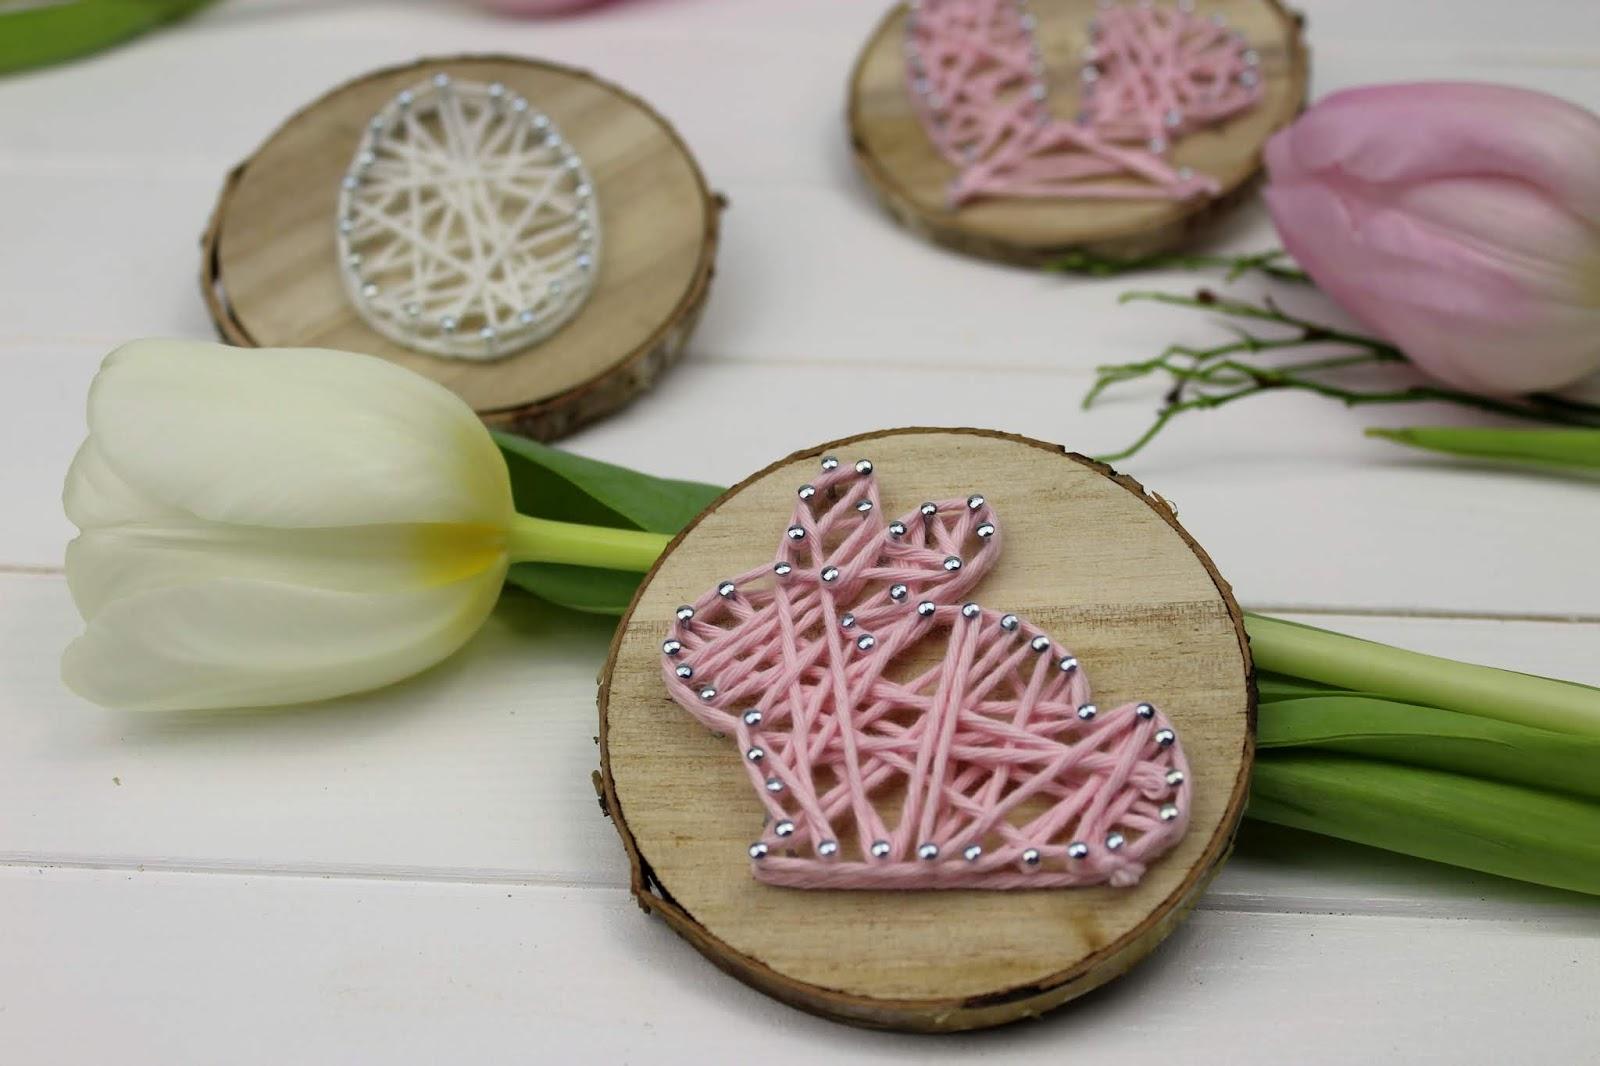 Osterdeko: Osterhase und Osterei in String Art auf einer Astscheibe ganz einfach selber machen + 2 Vorlagen